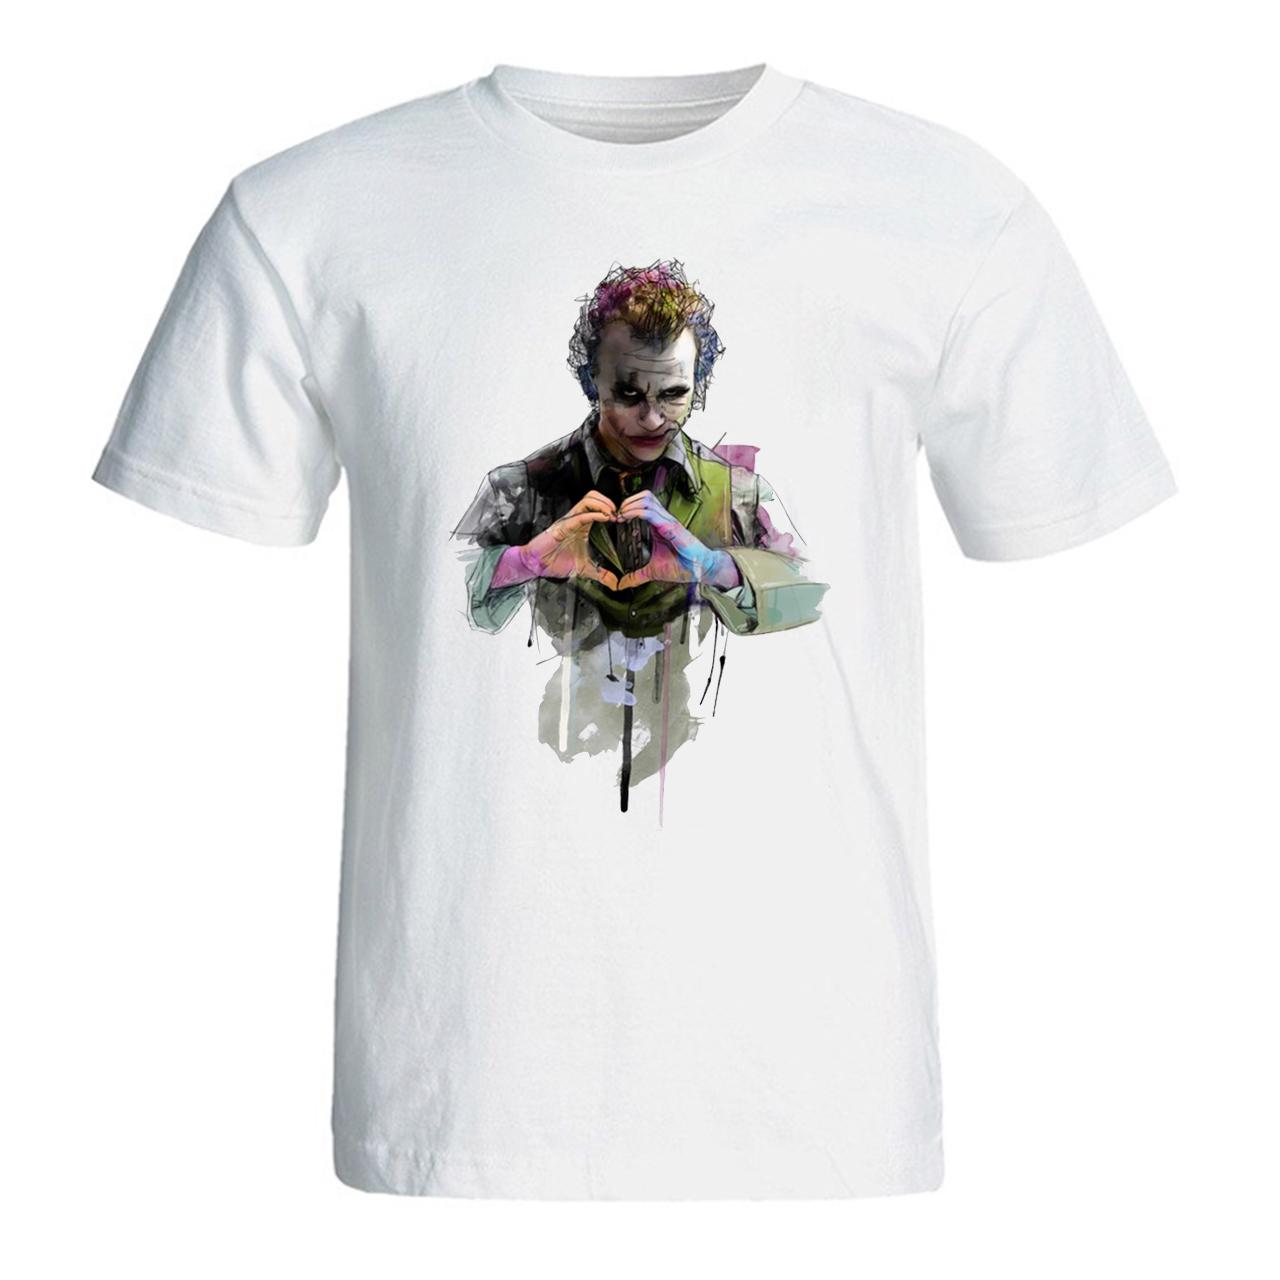 تی شرت آستین کوتاه سفید سالامین طرح  هیث لجر کد SA120